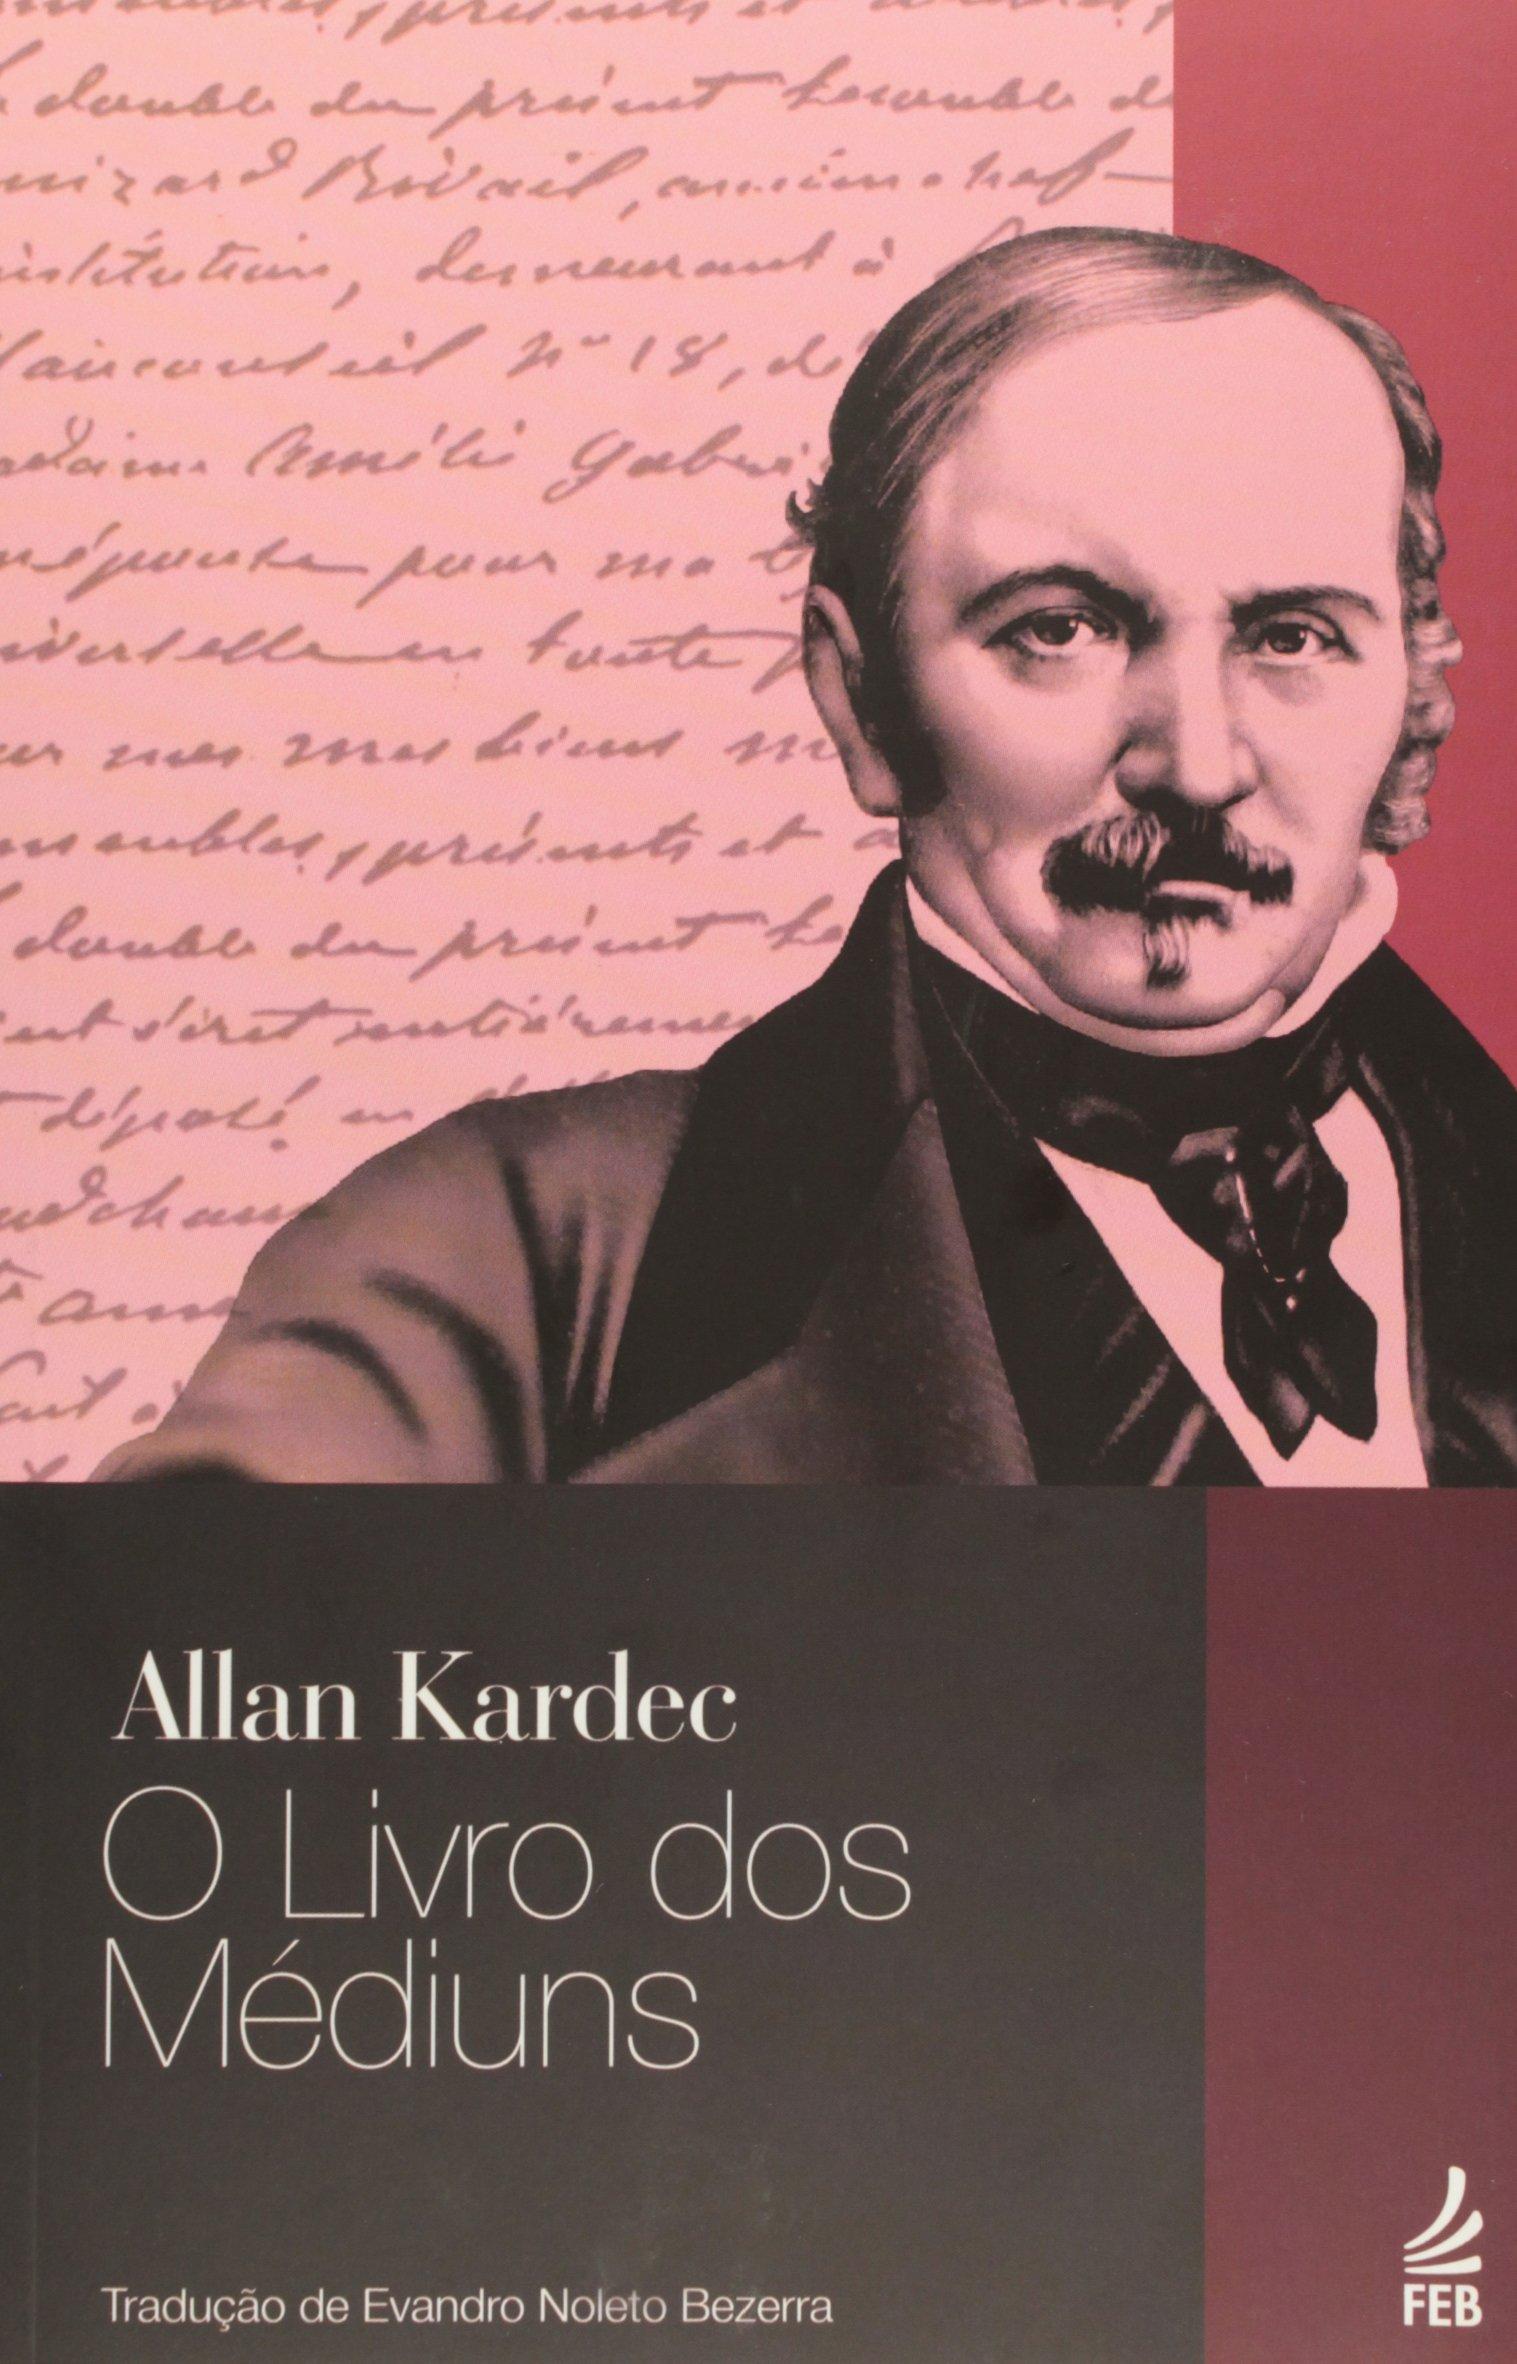 Livro dos médiuns (O) PDF Allan Kardec